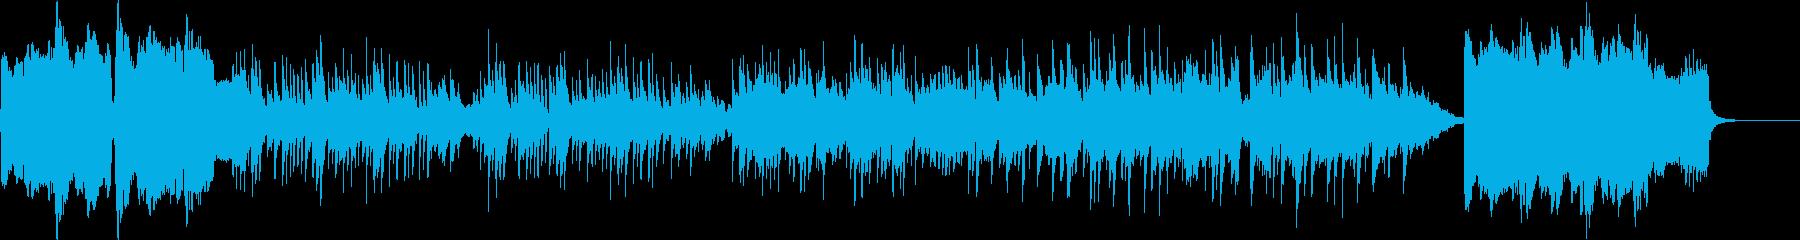 尺八と琴の日本風の曲の再生済みの波形